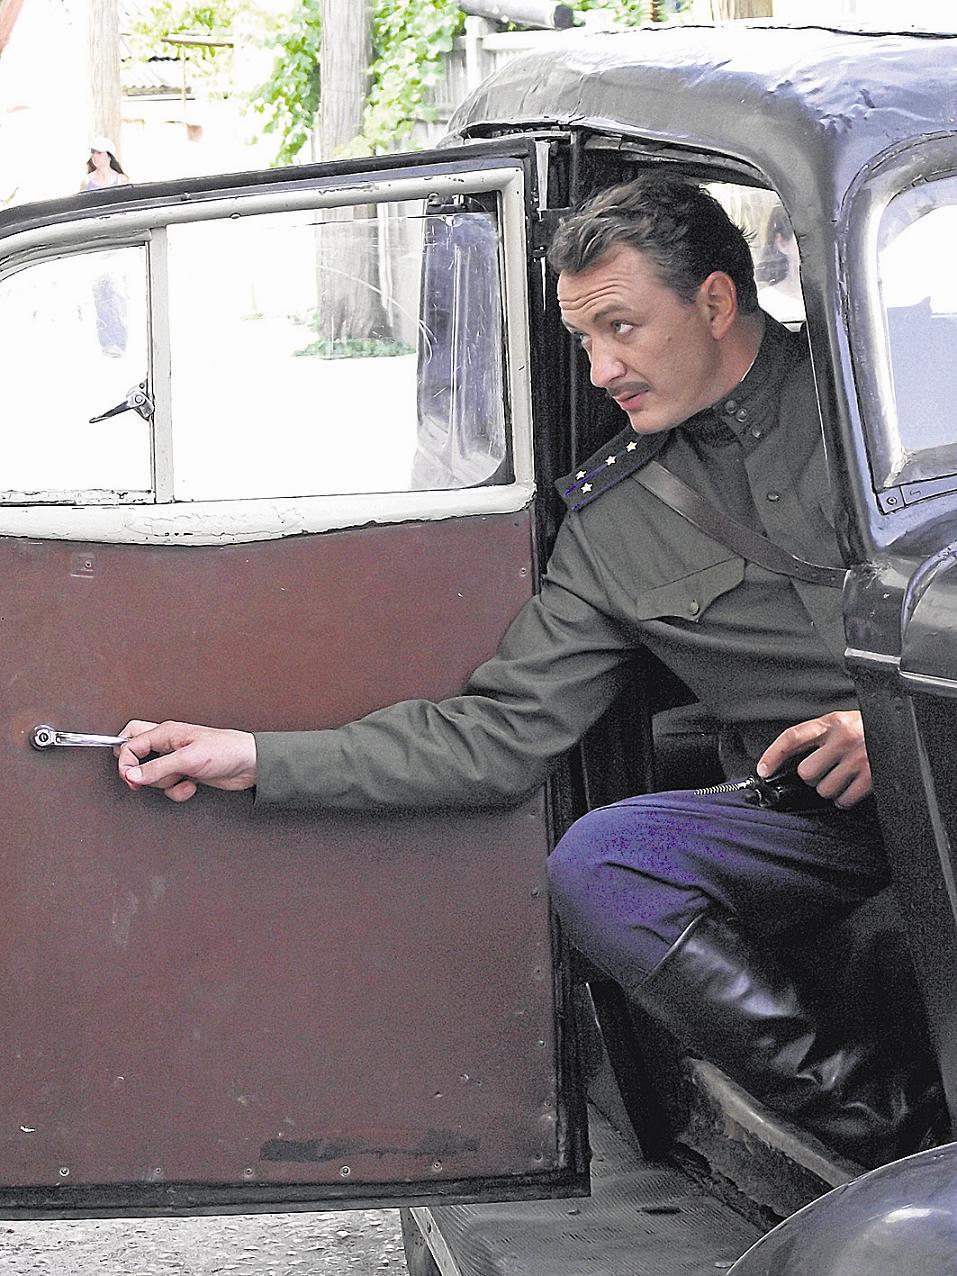 Валентин лавришин генерал нквд википедия фото 177-869